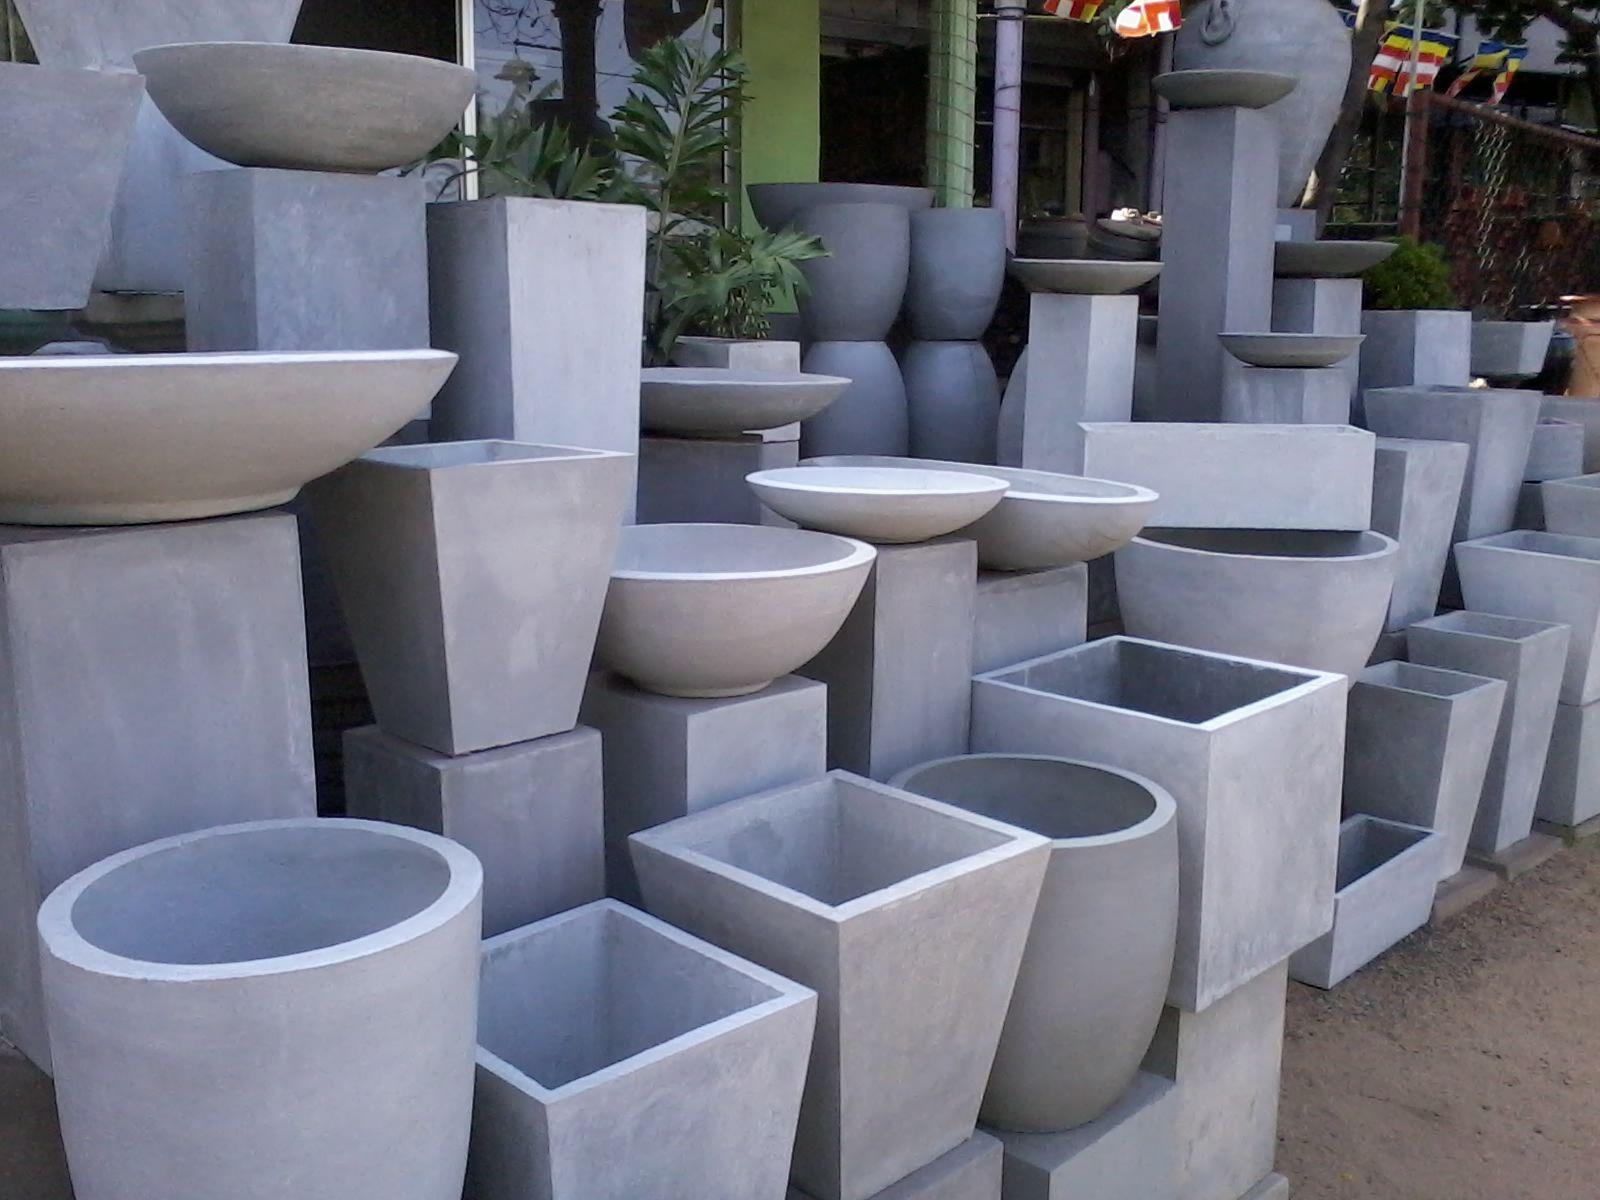 Concrete Molds For Sale Planters Google Search Concrete Garden